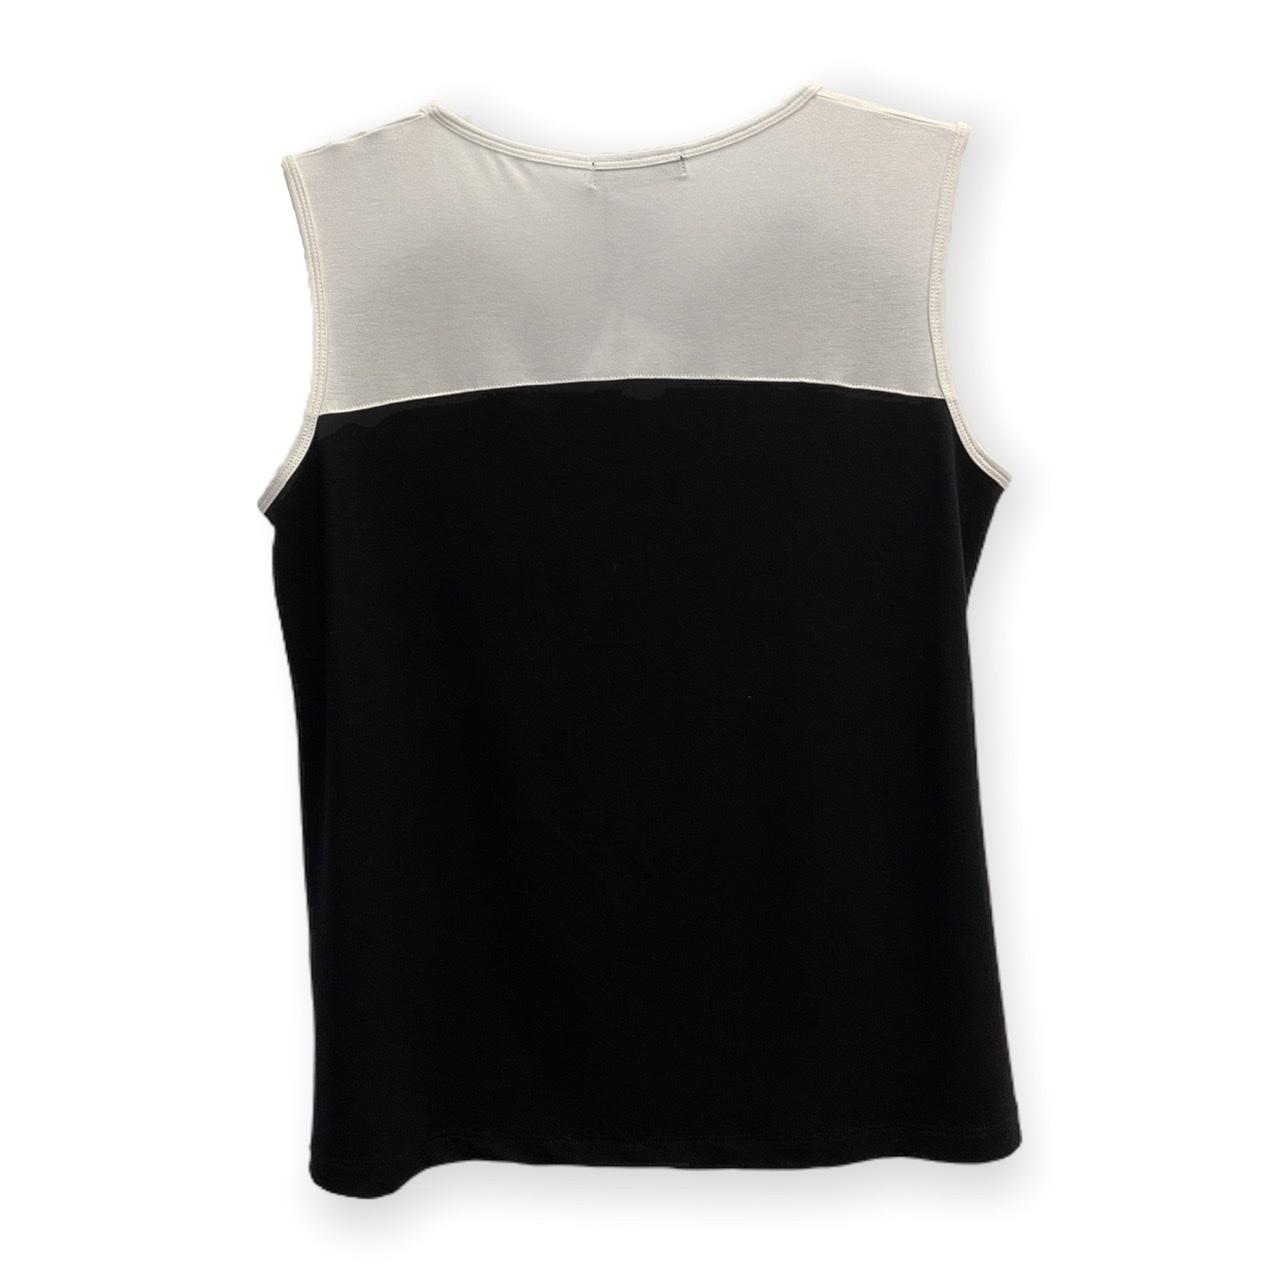 Regata bicolor off white e preta